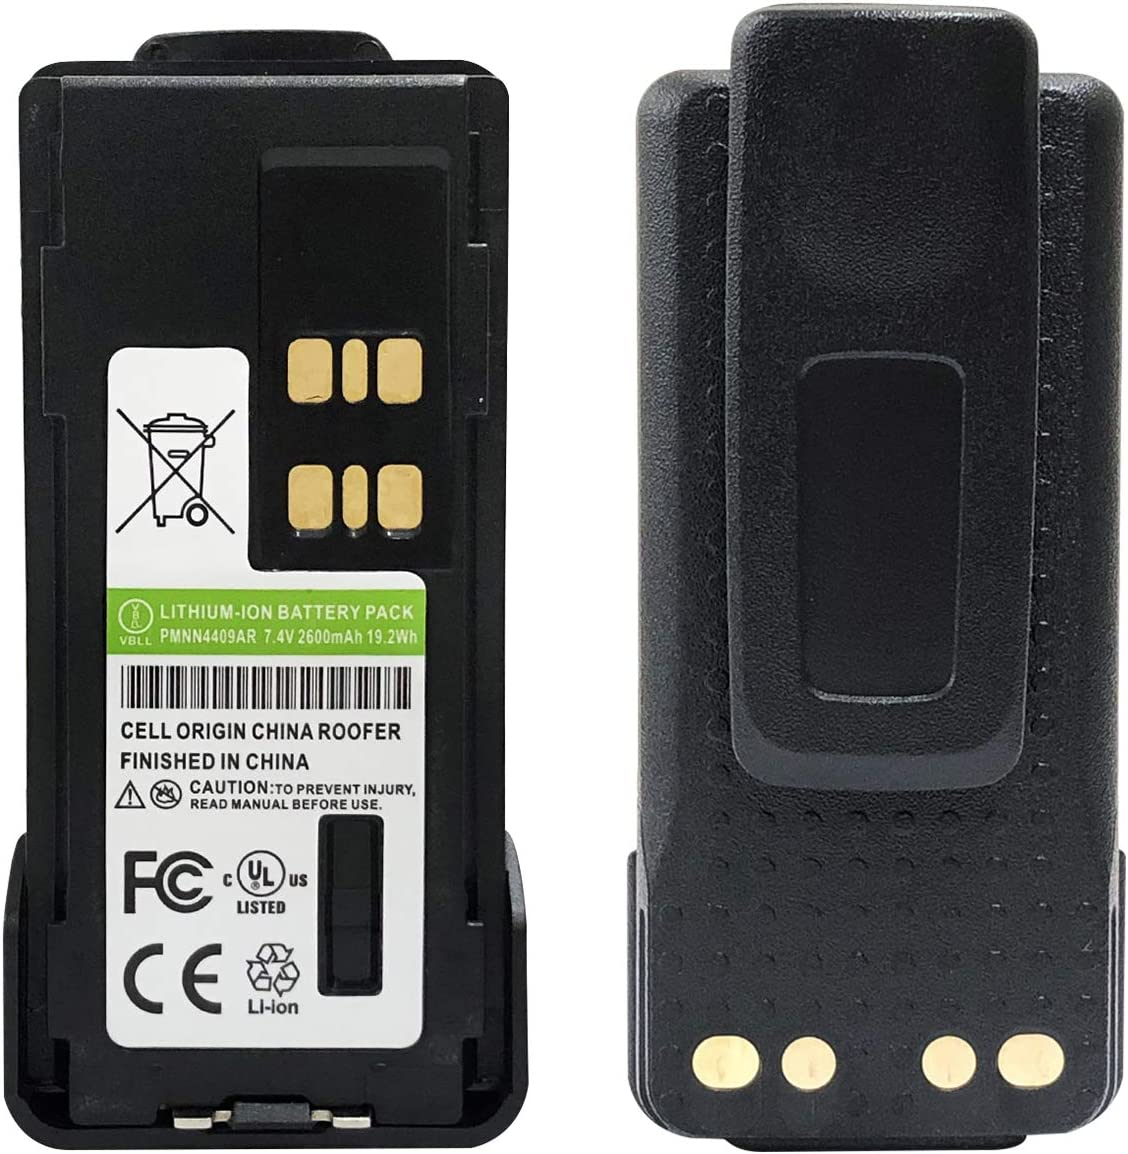 PMNN4409 Battery For Motorola XPR7350 XPR7380 XPR7350e XPR7380e Portable